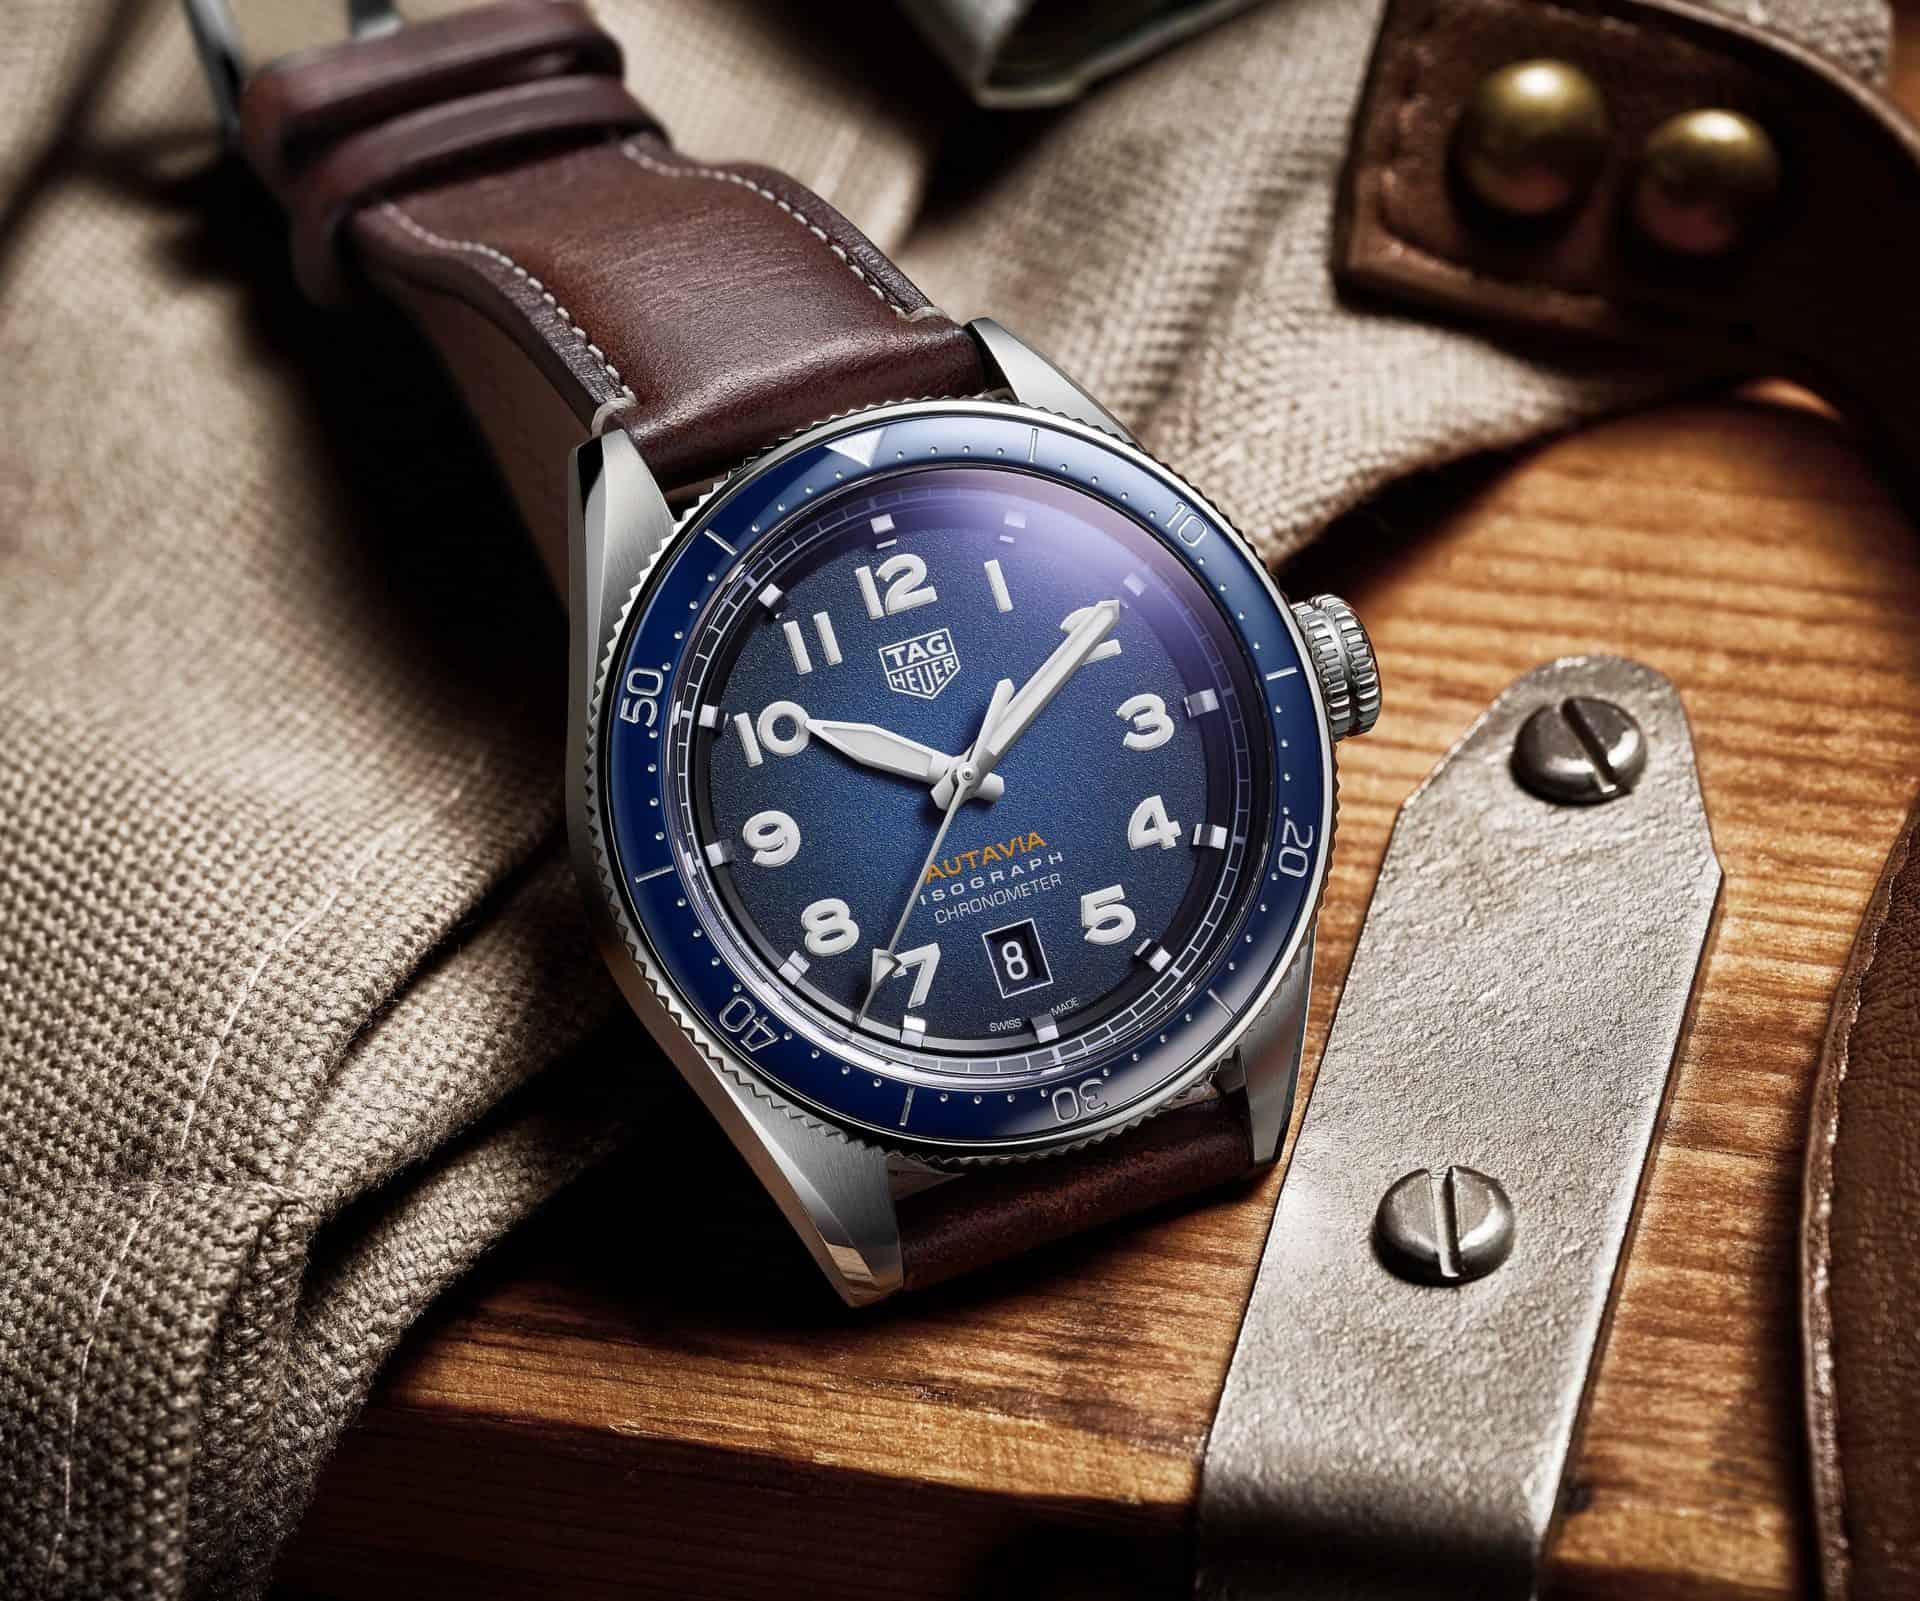 Der neue TAG Heuer Autavia Chronometer - sportlicher Chic, würde man in der Mode sagen